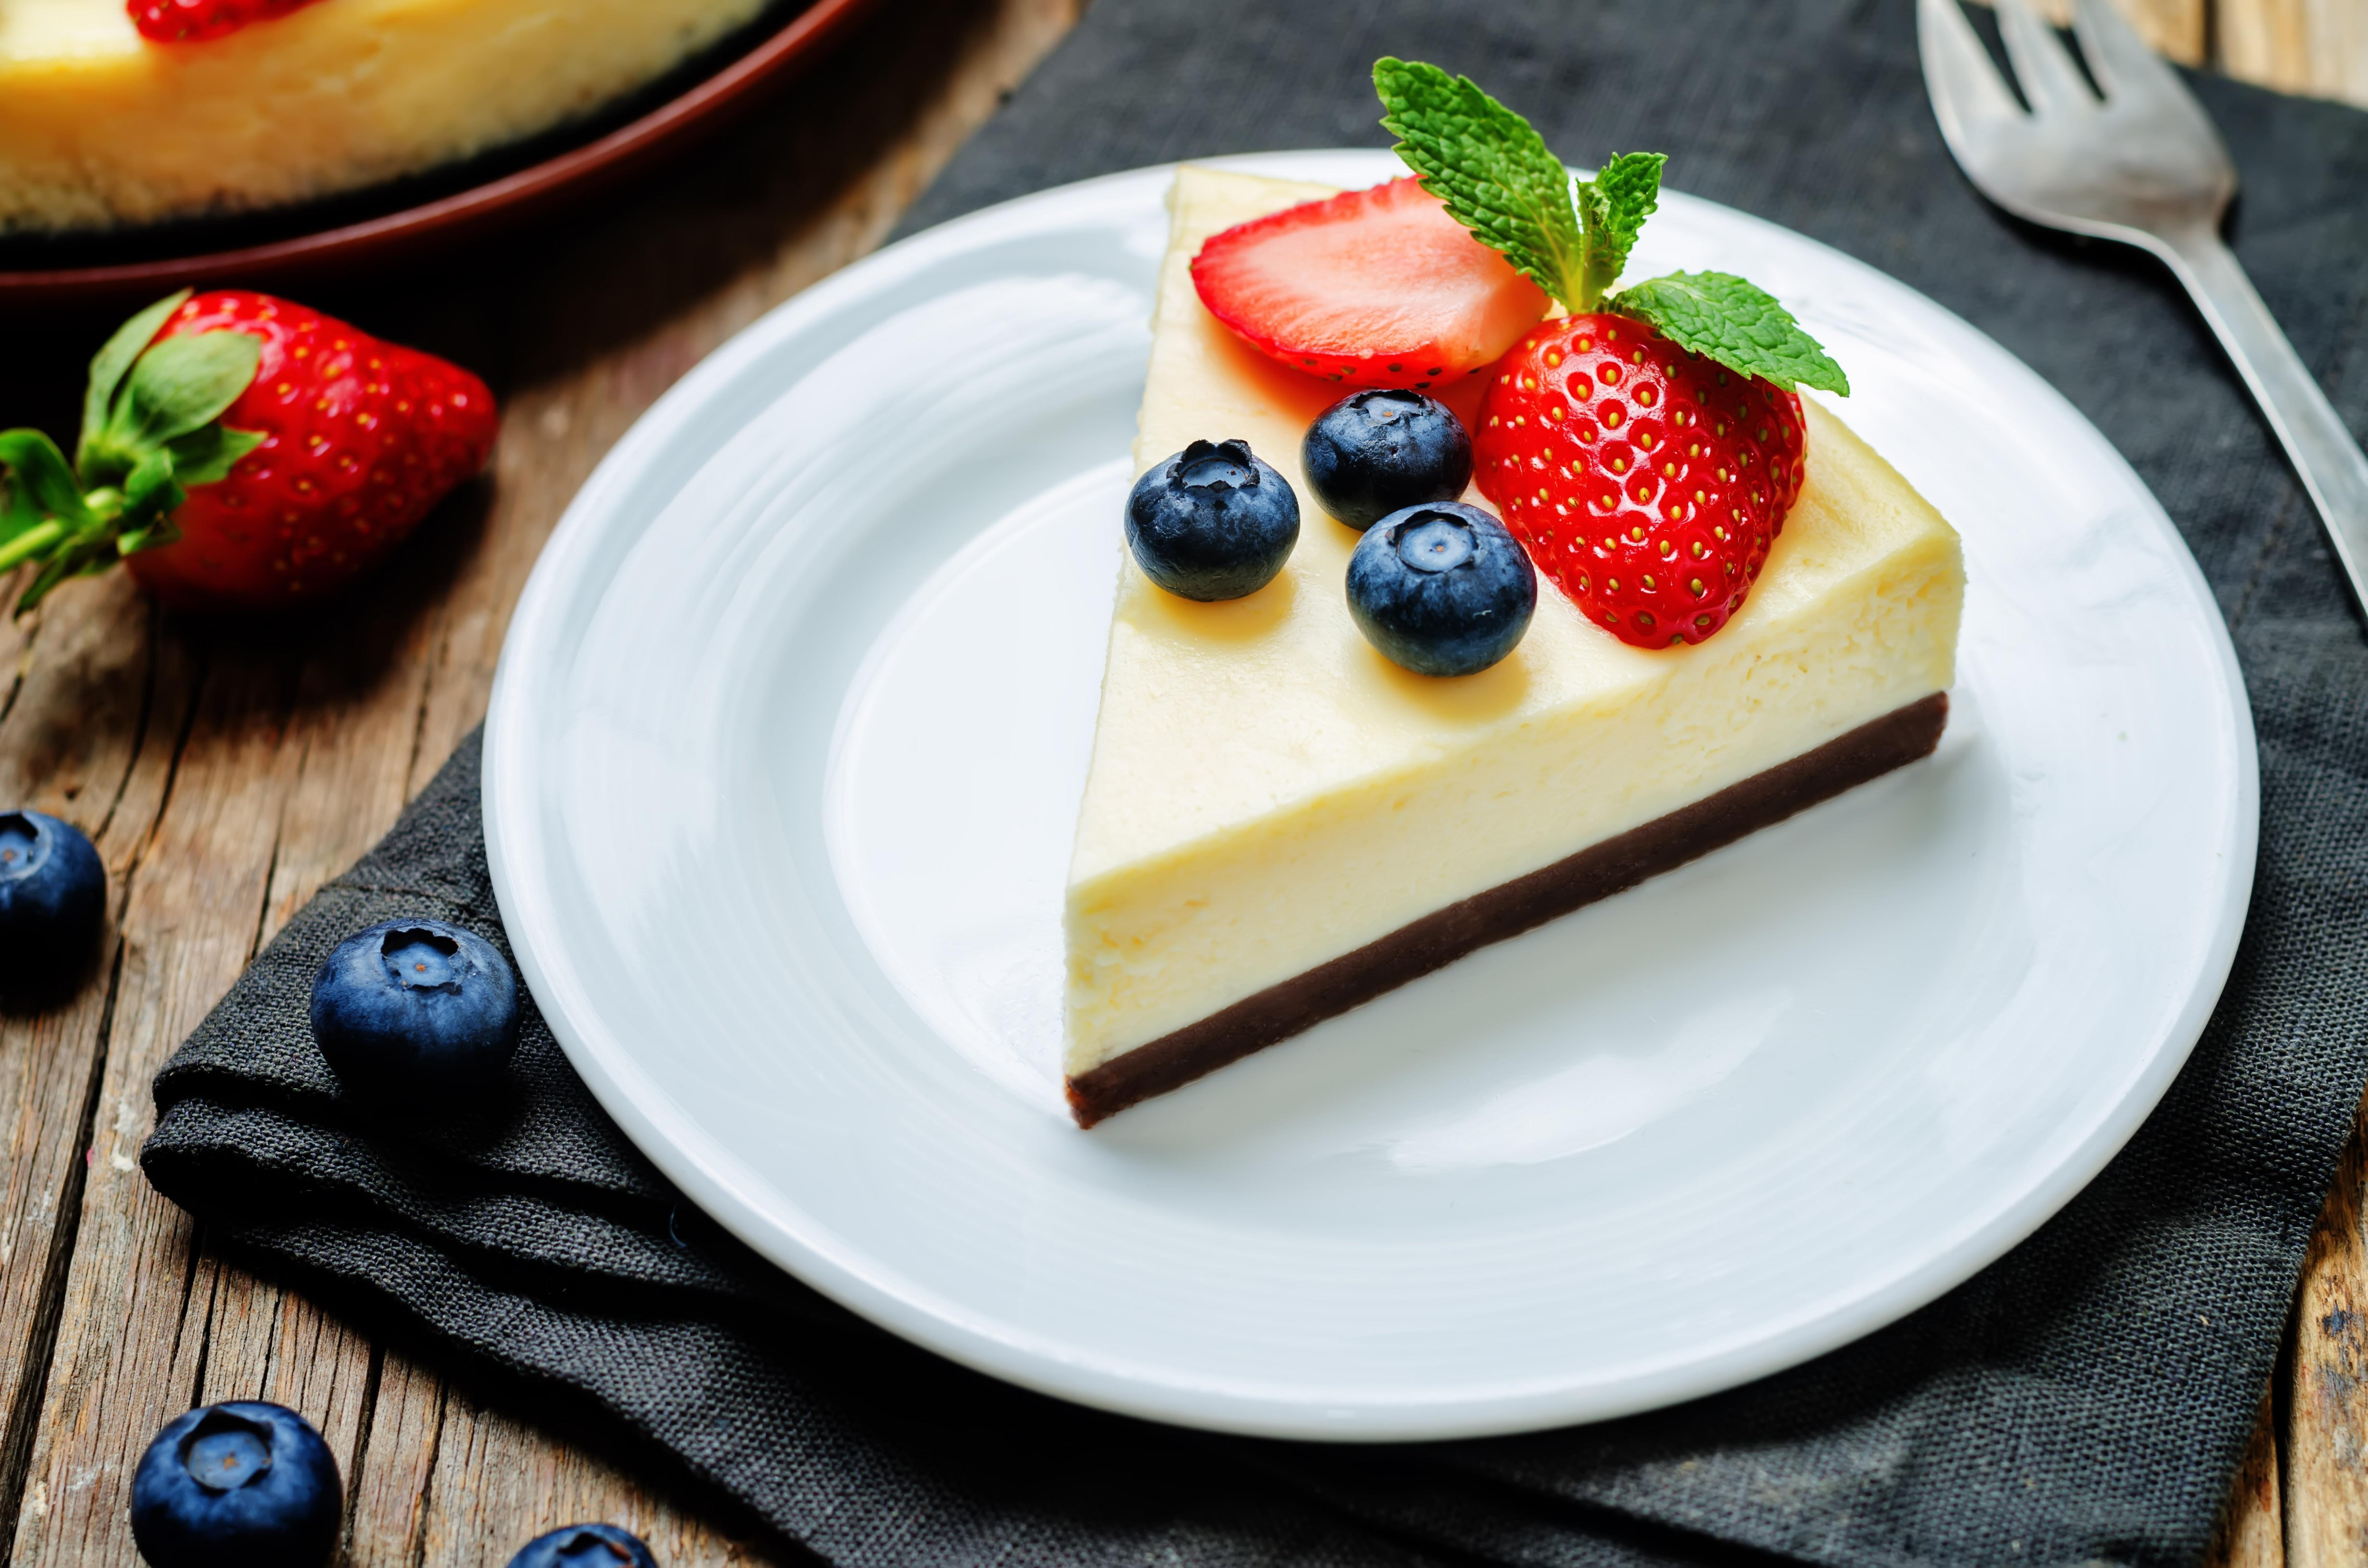 Белый торт с кусочками фруктов  № 2171566 без смс